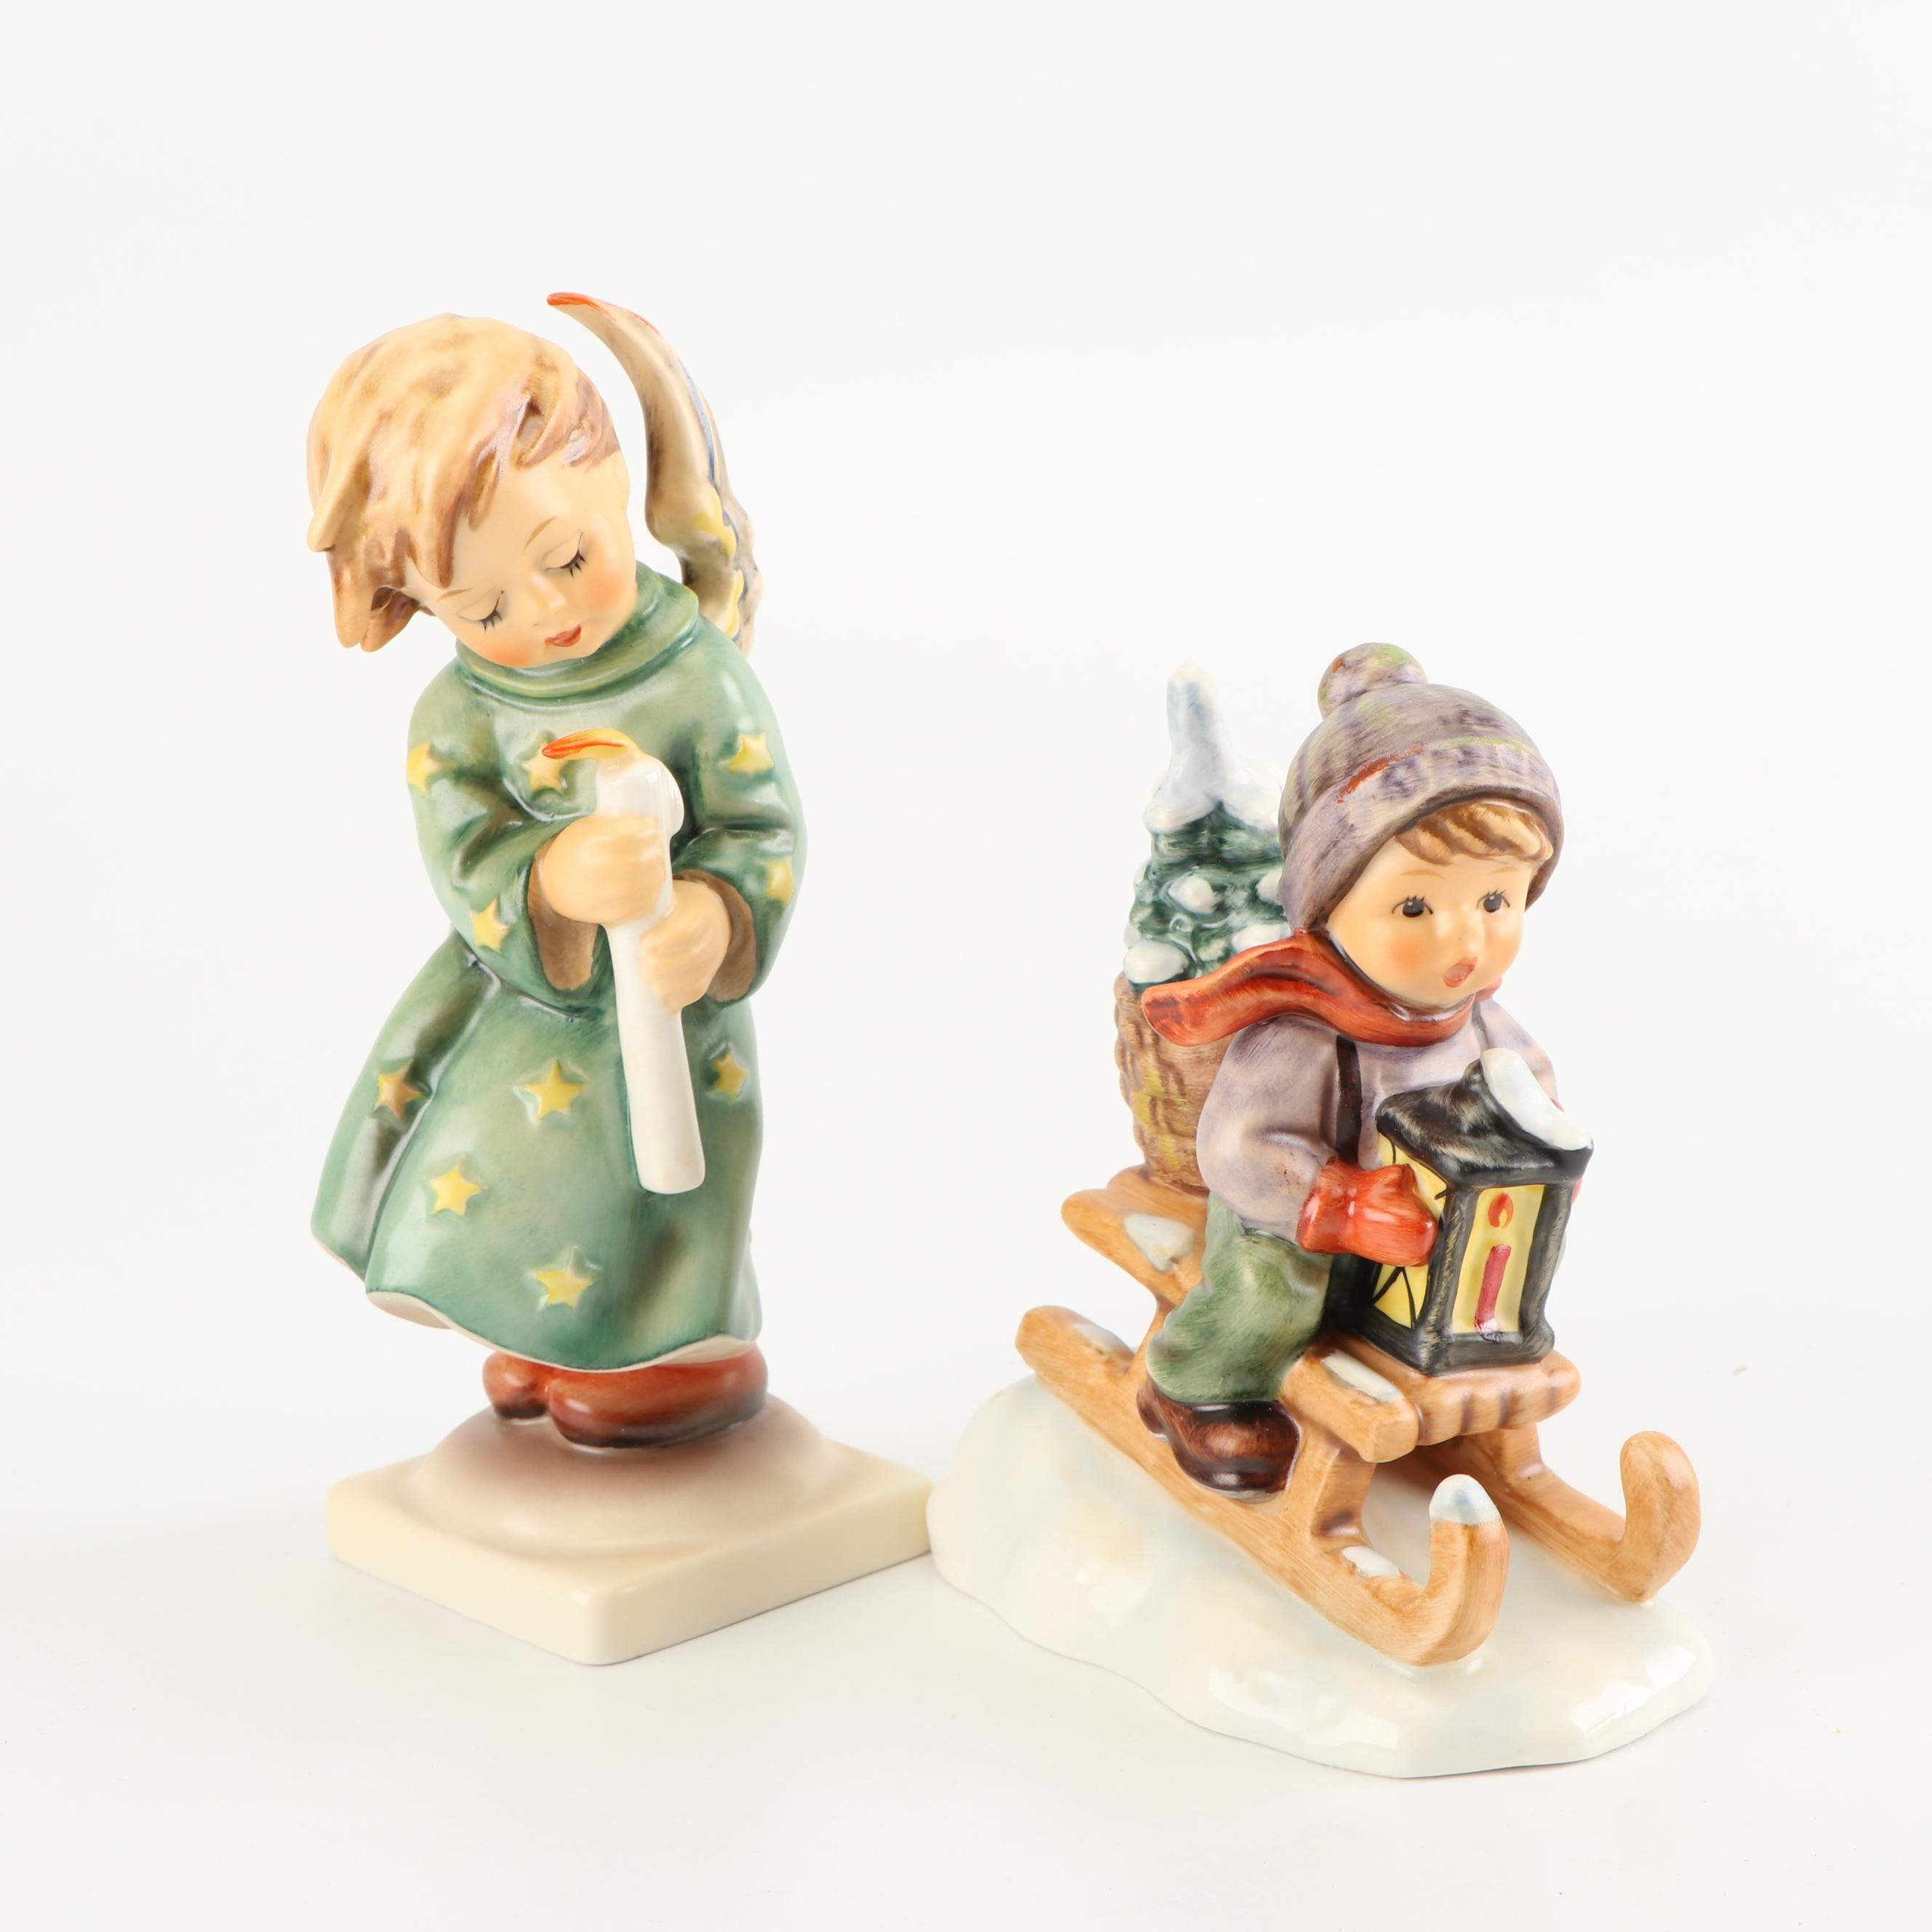 Two Goebel Figurines